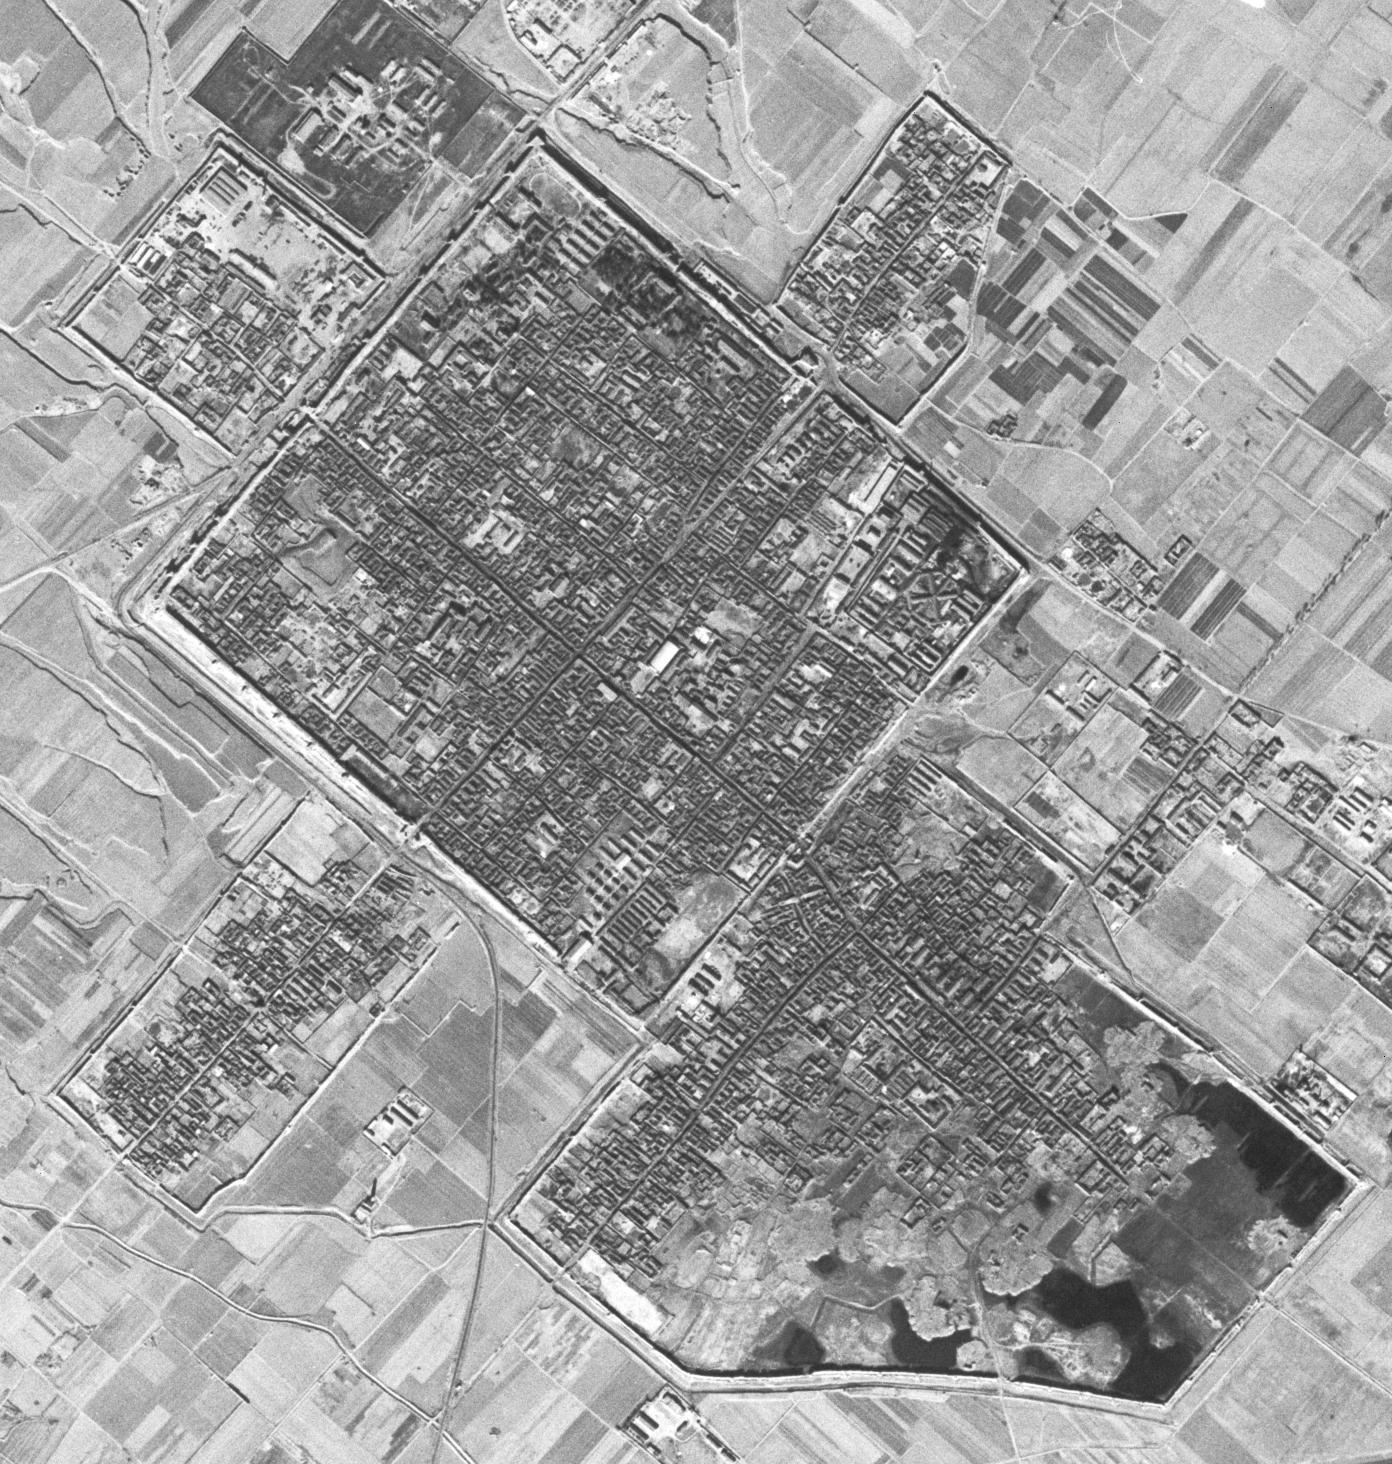 如何下载 50 年前中国各地的高清卫星照片